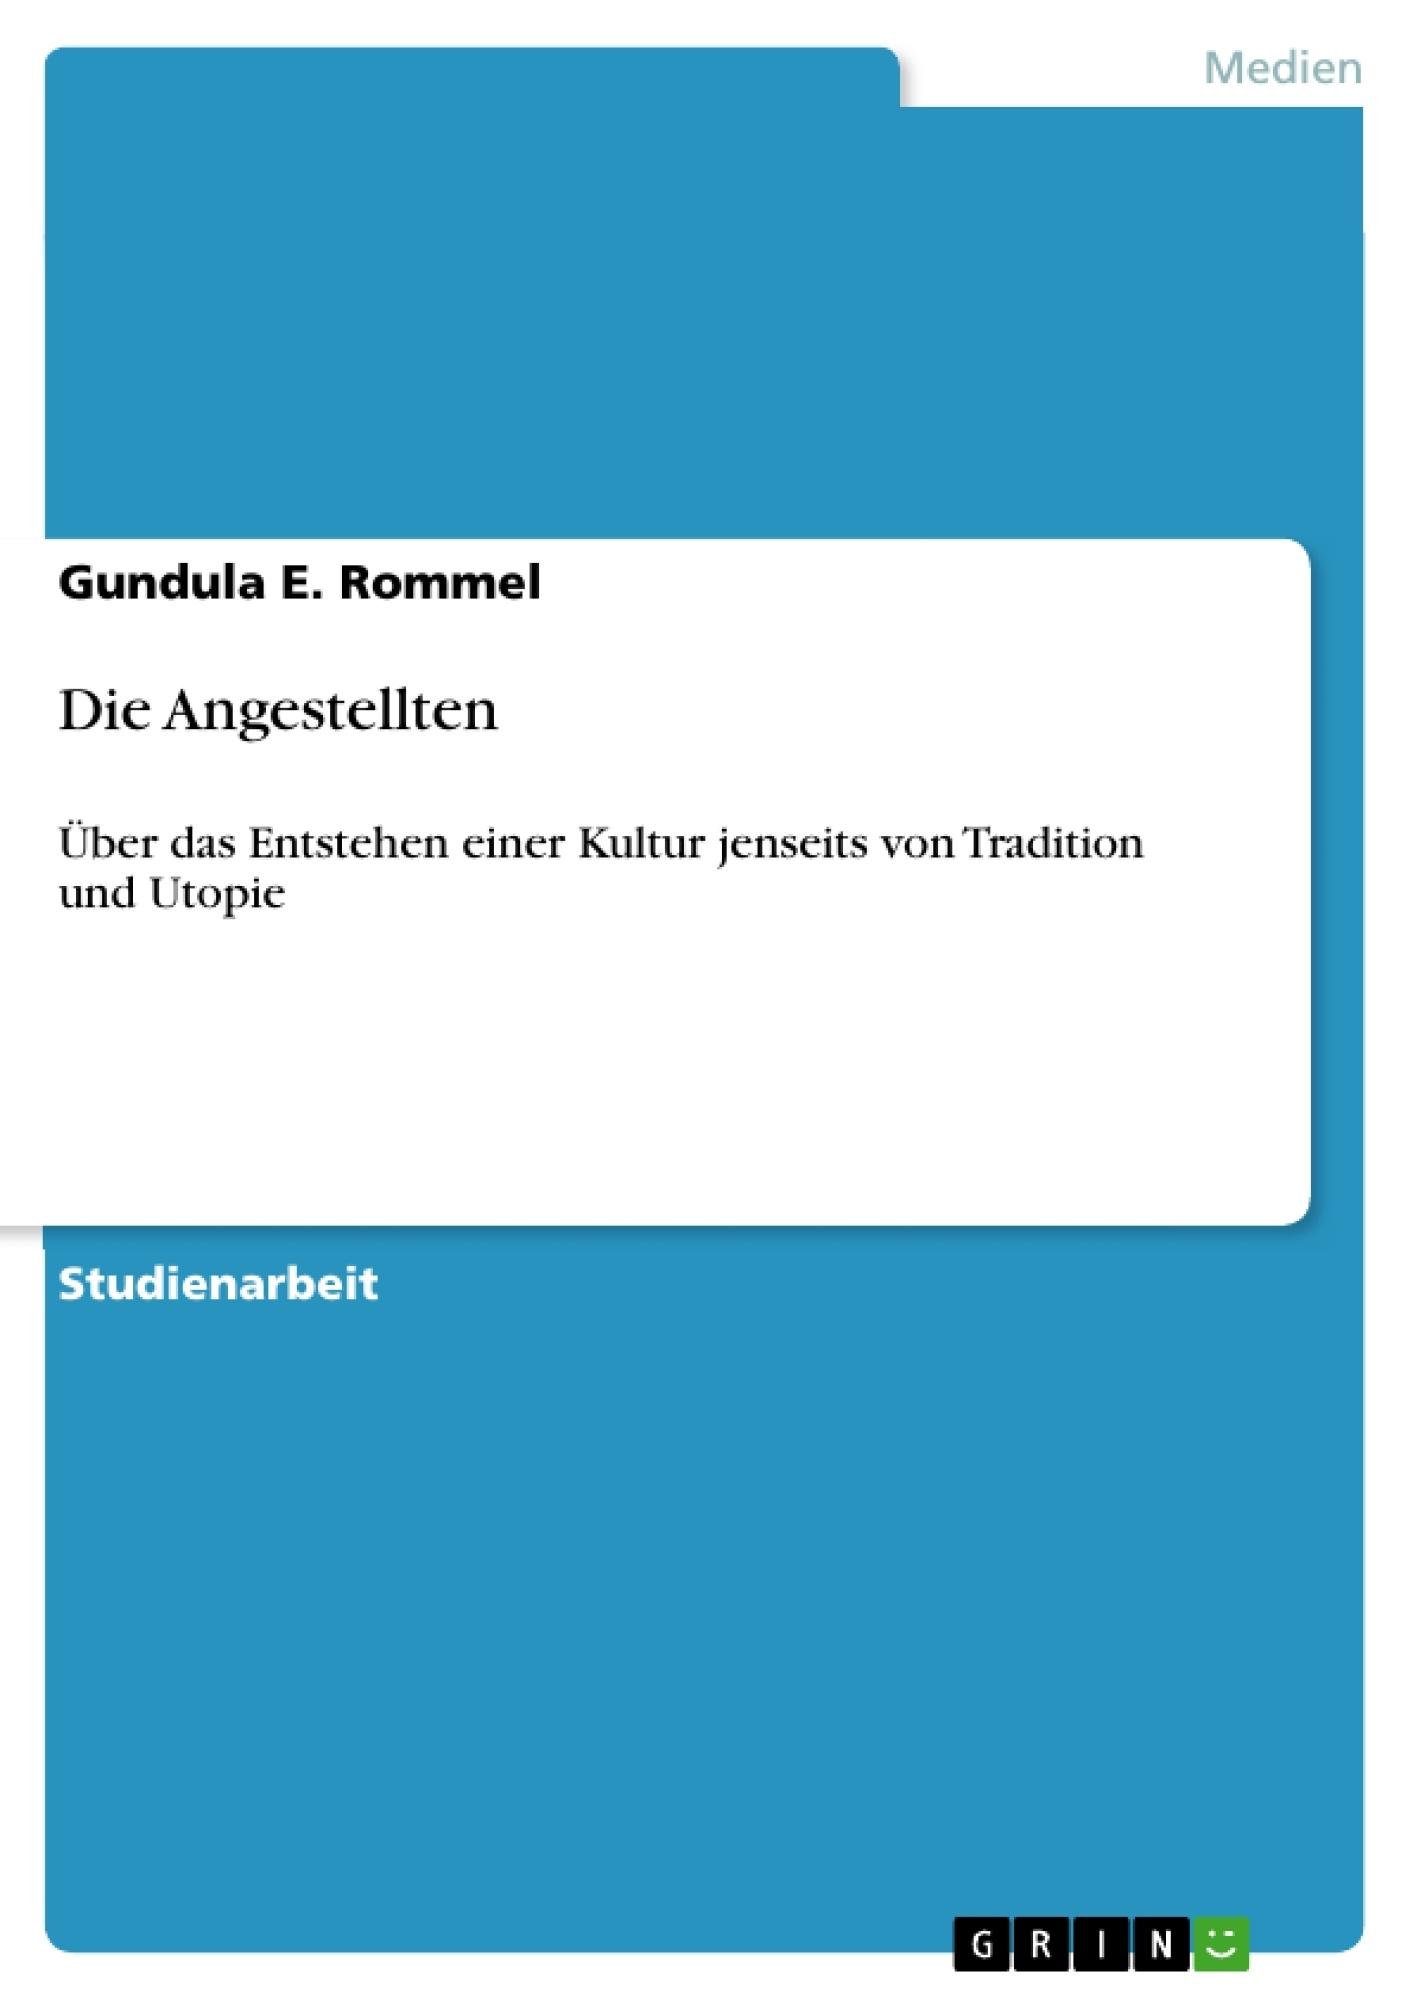 Atemberaubend Karriereziel Für Ojt Bilder - Entry Level Resume ...